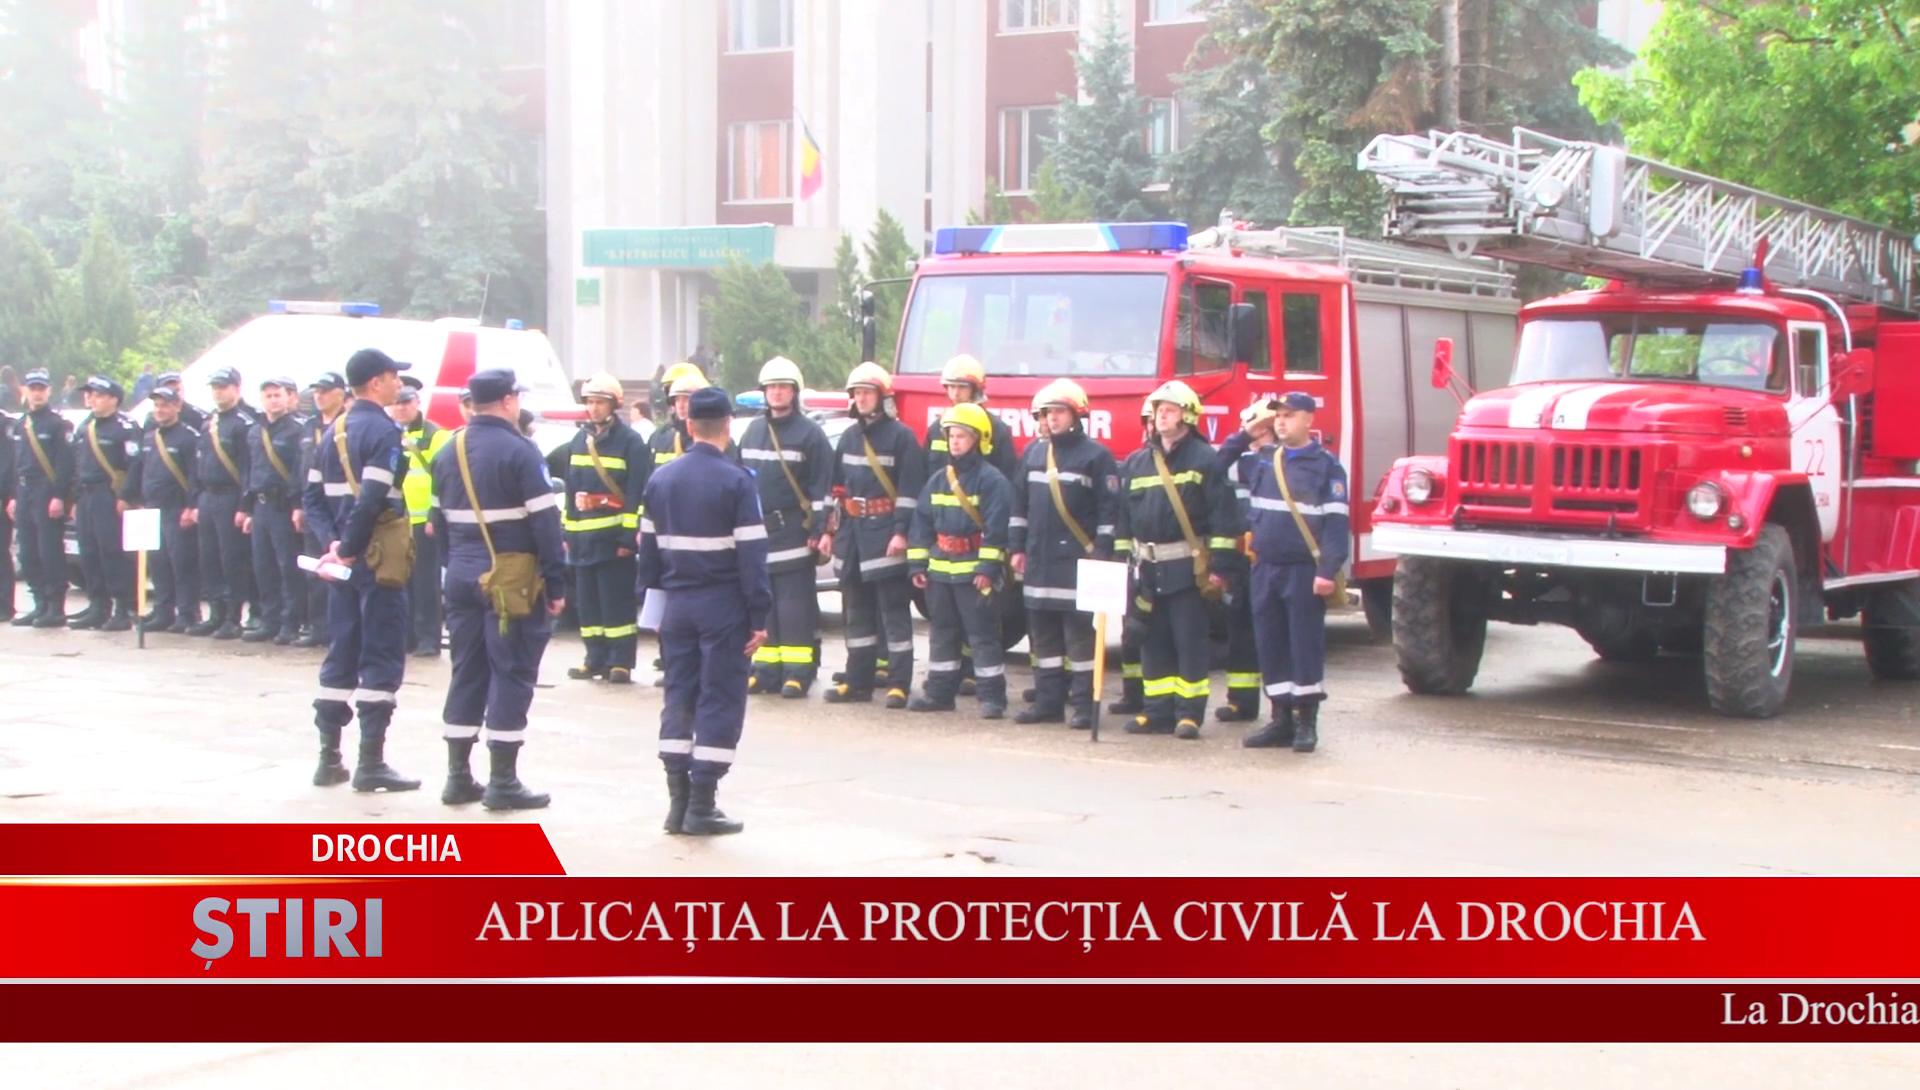 Aplicația la protecția civilă la Drochia